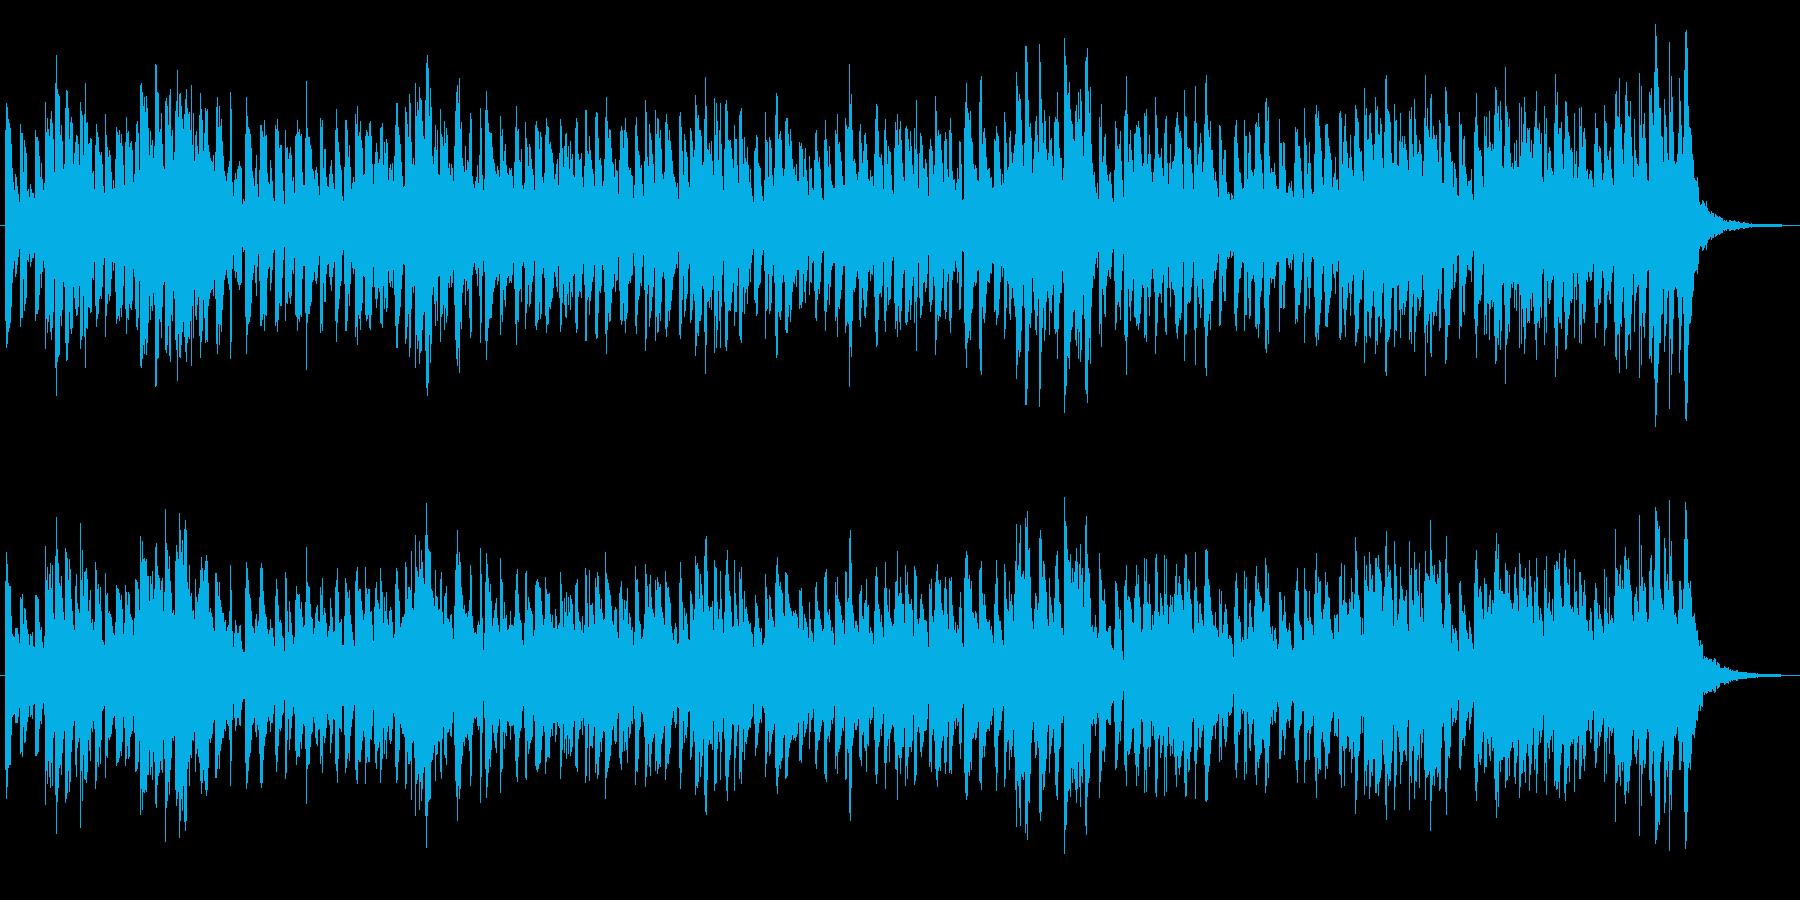 ミニマルな雰囲気のアンビエントジングルの再生済みの波形